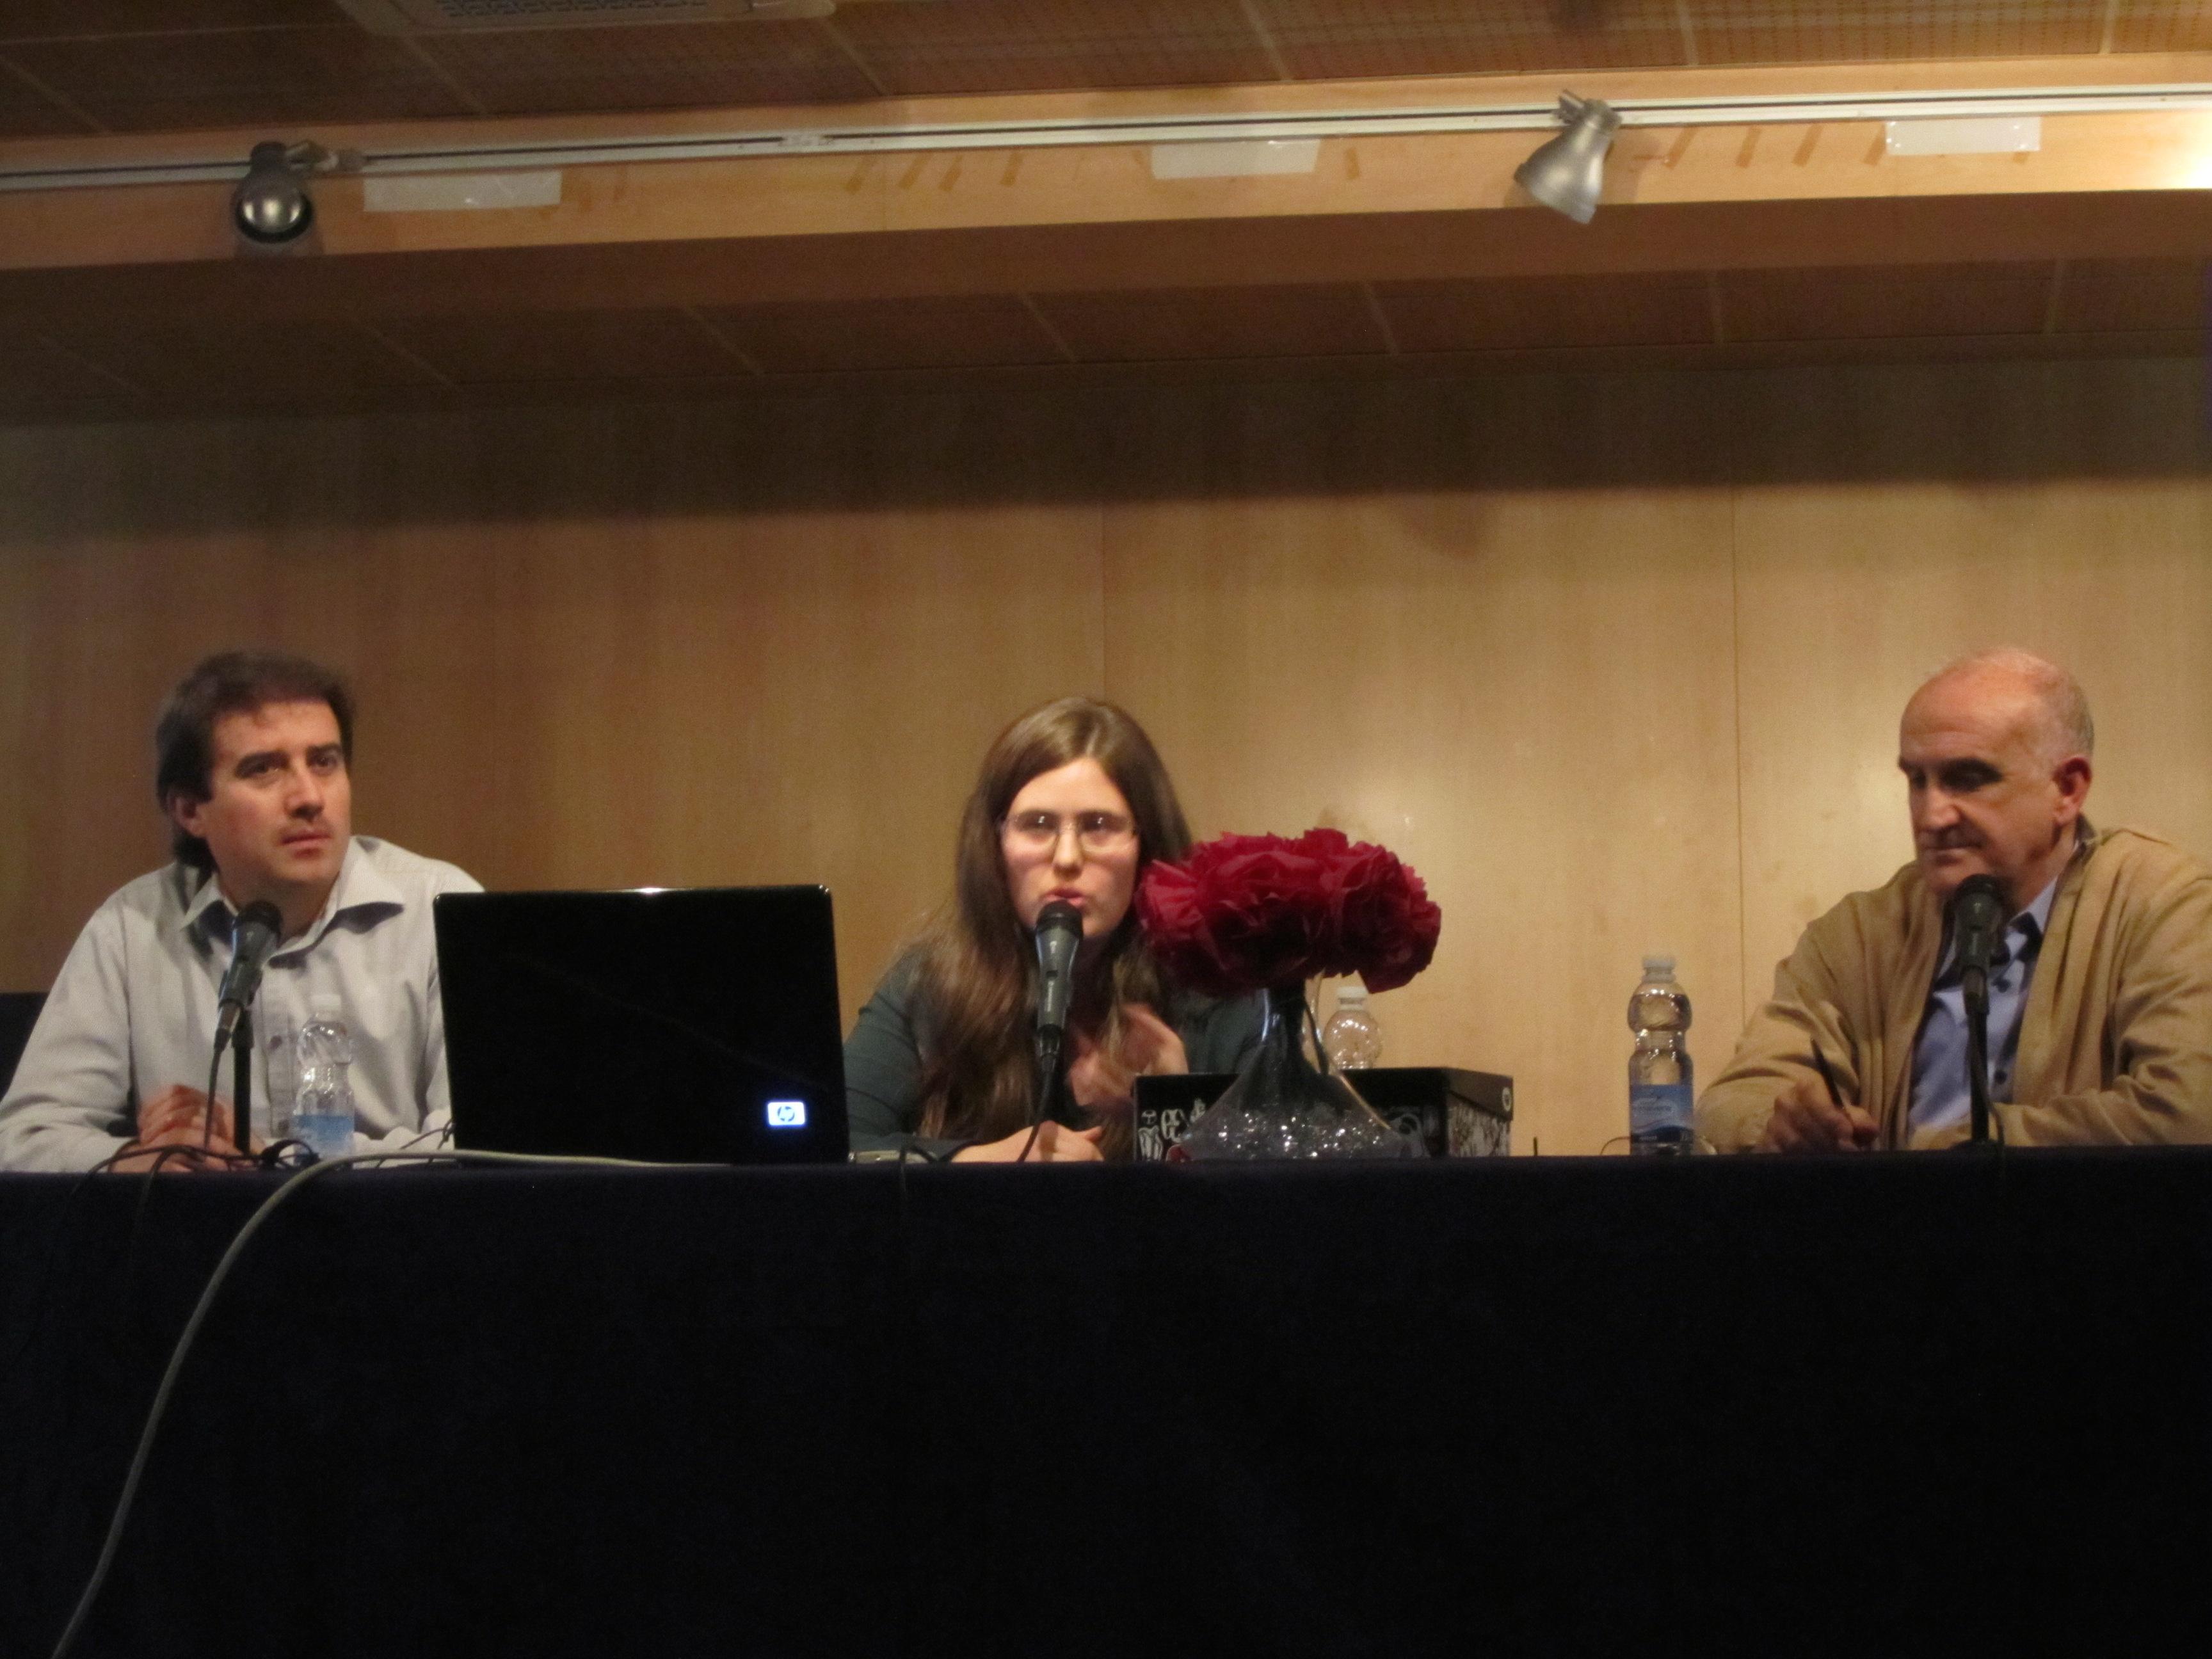 El presentador del acto junto a la autora, Laura Alcantarilla, y el profesor de IES Alameda Miguel García.